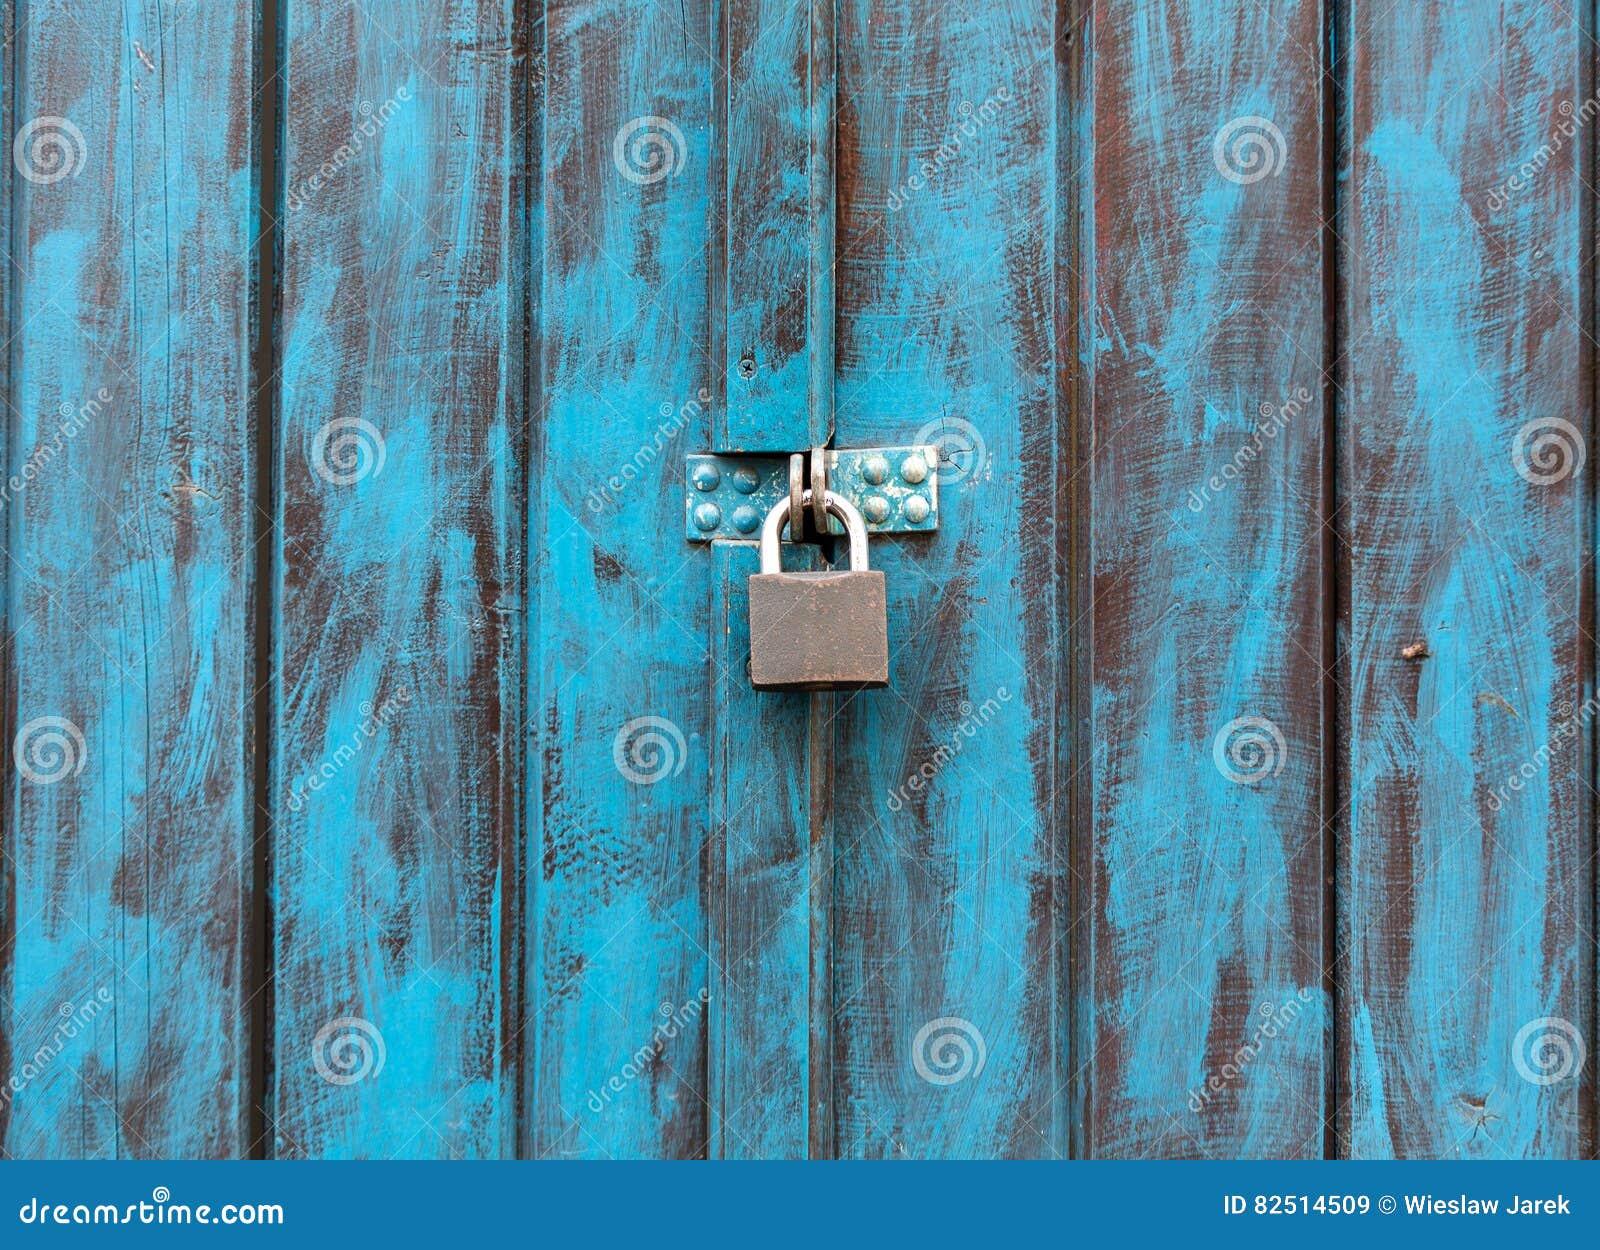 Cierrese Para Arriba De Una Puerta De Madera Antigua Pintada En Azul